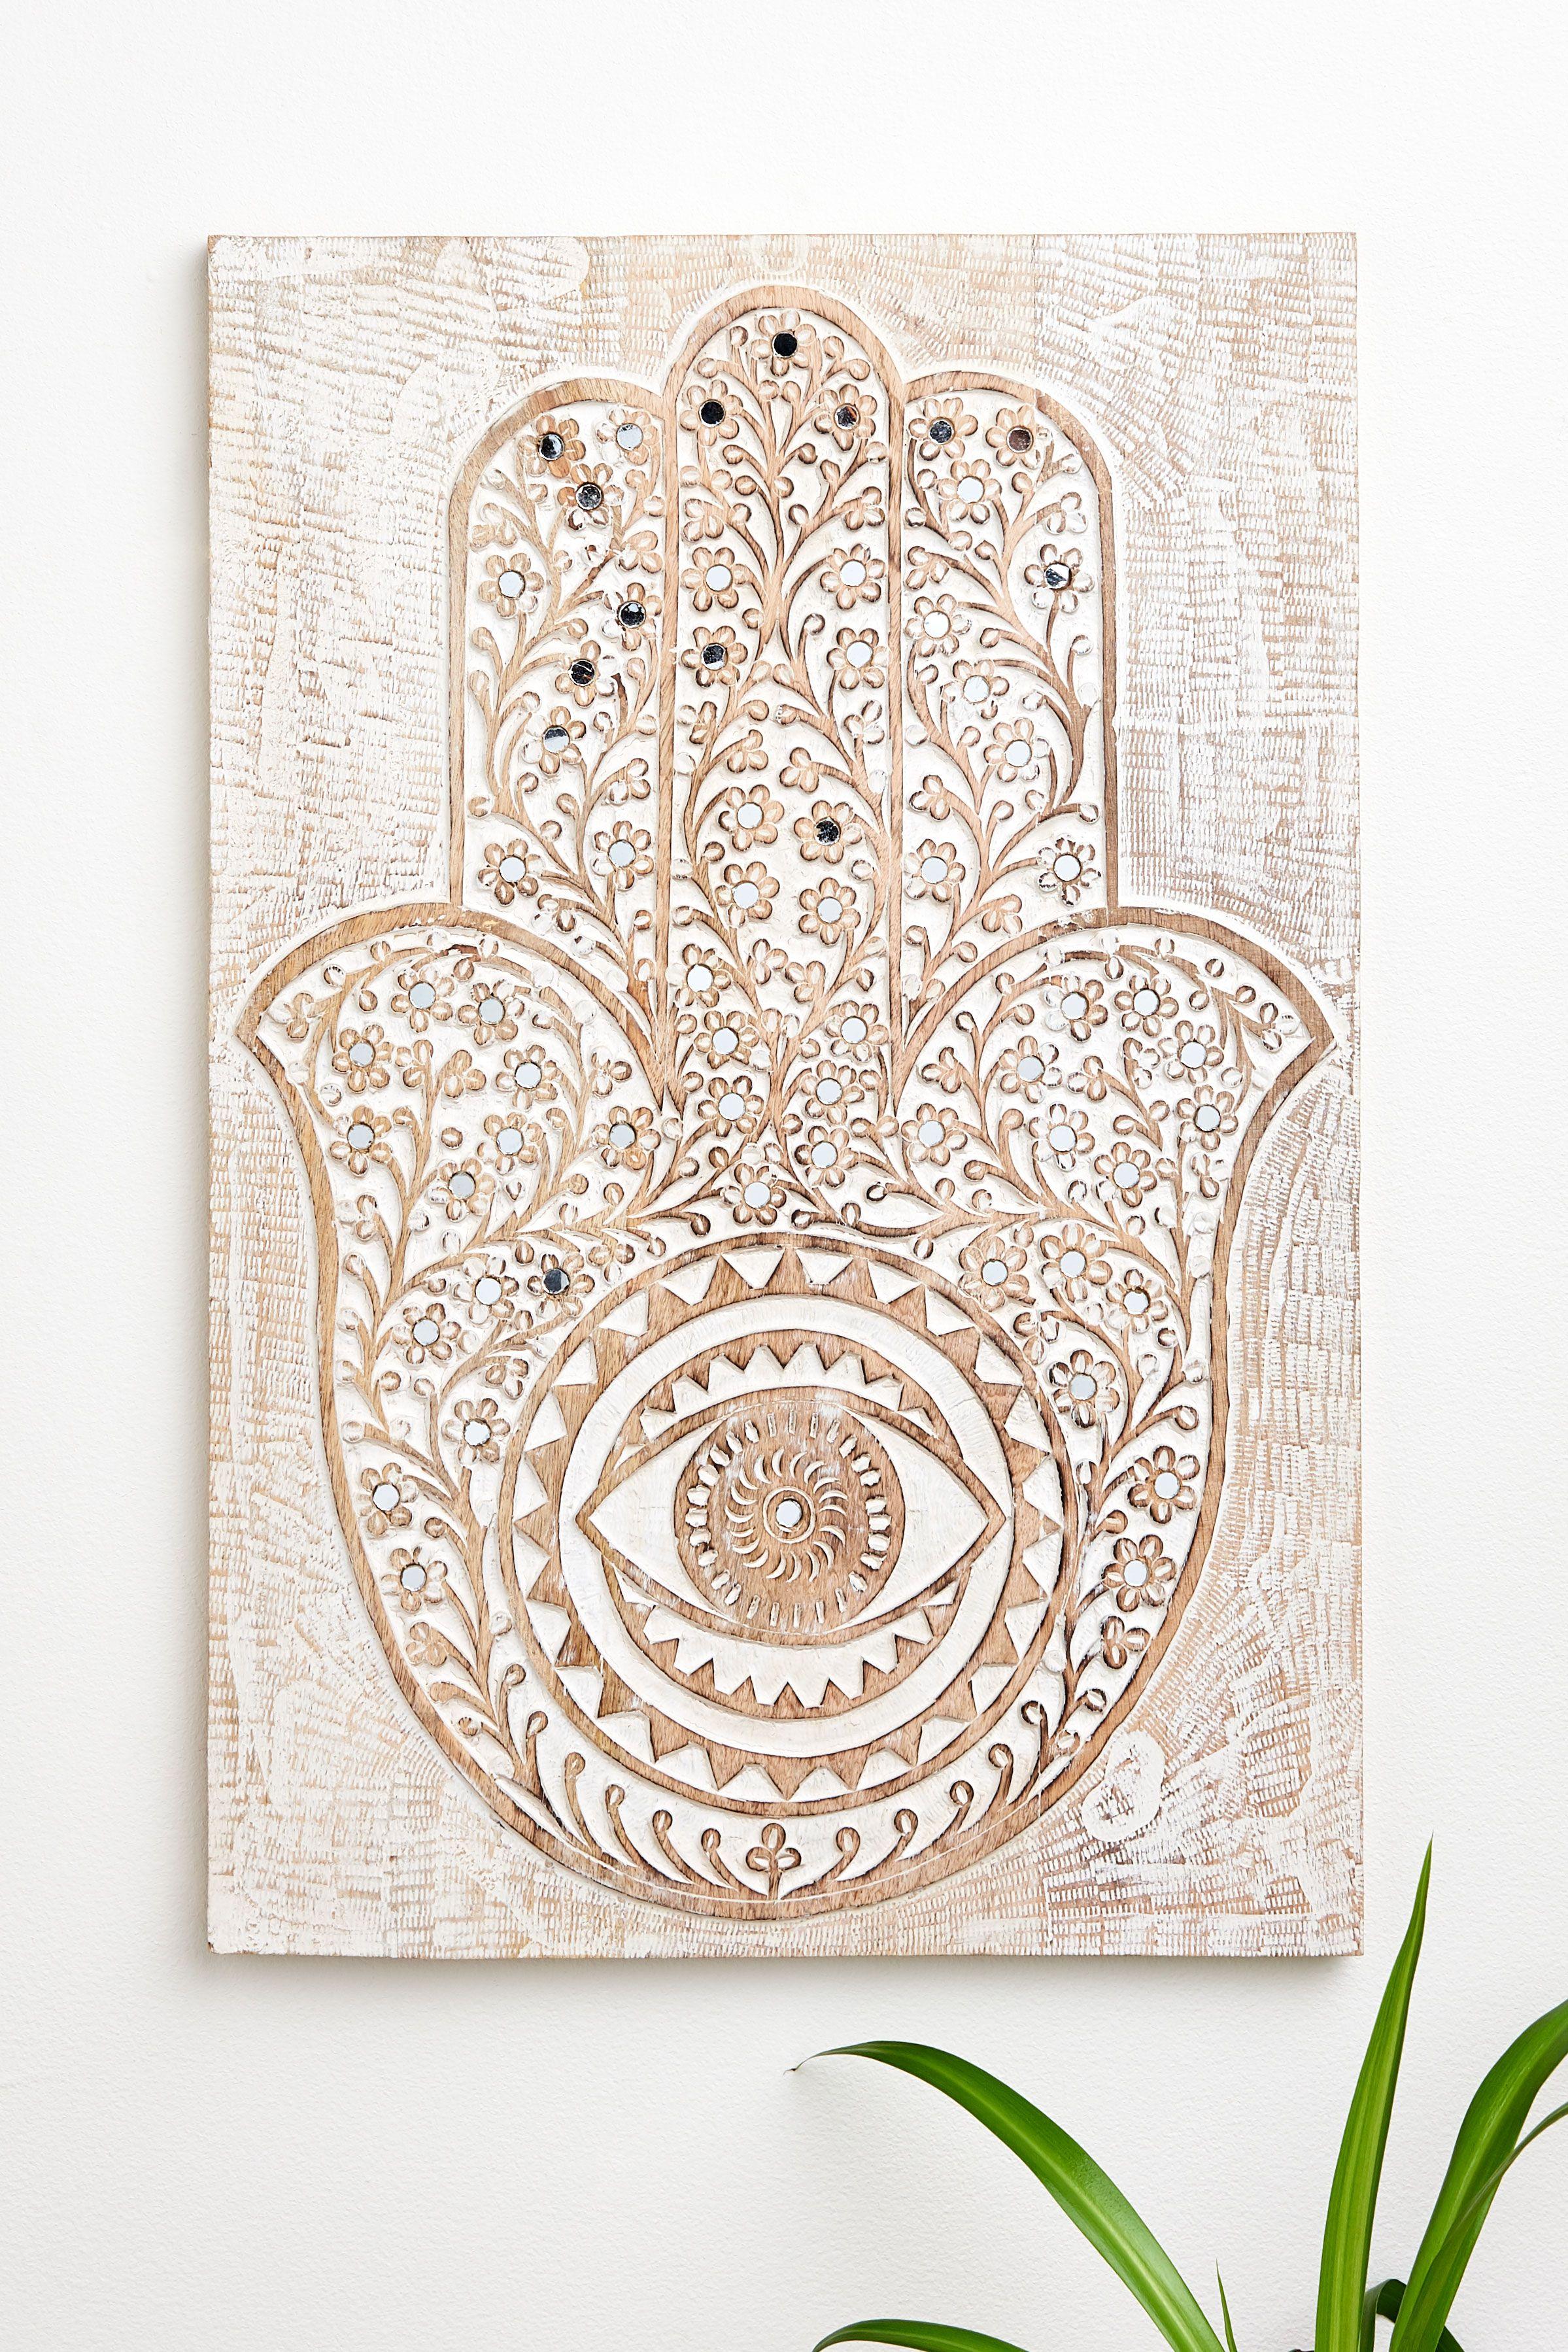 Hamsa Hand Wood Plaque With Mirrors Hamsa Hand Hamsa Wood Plaques